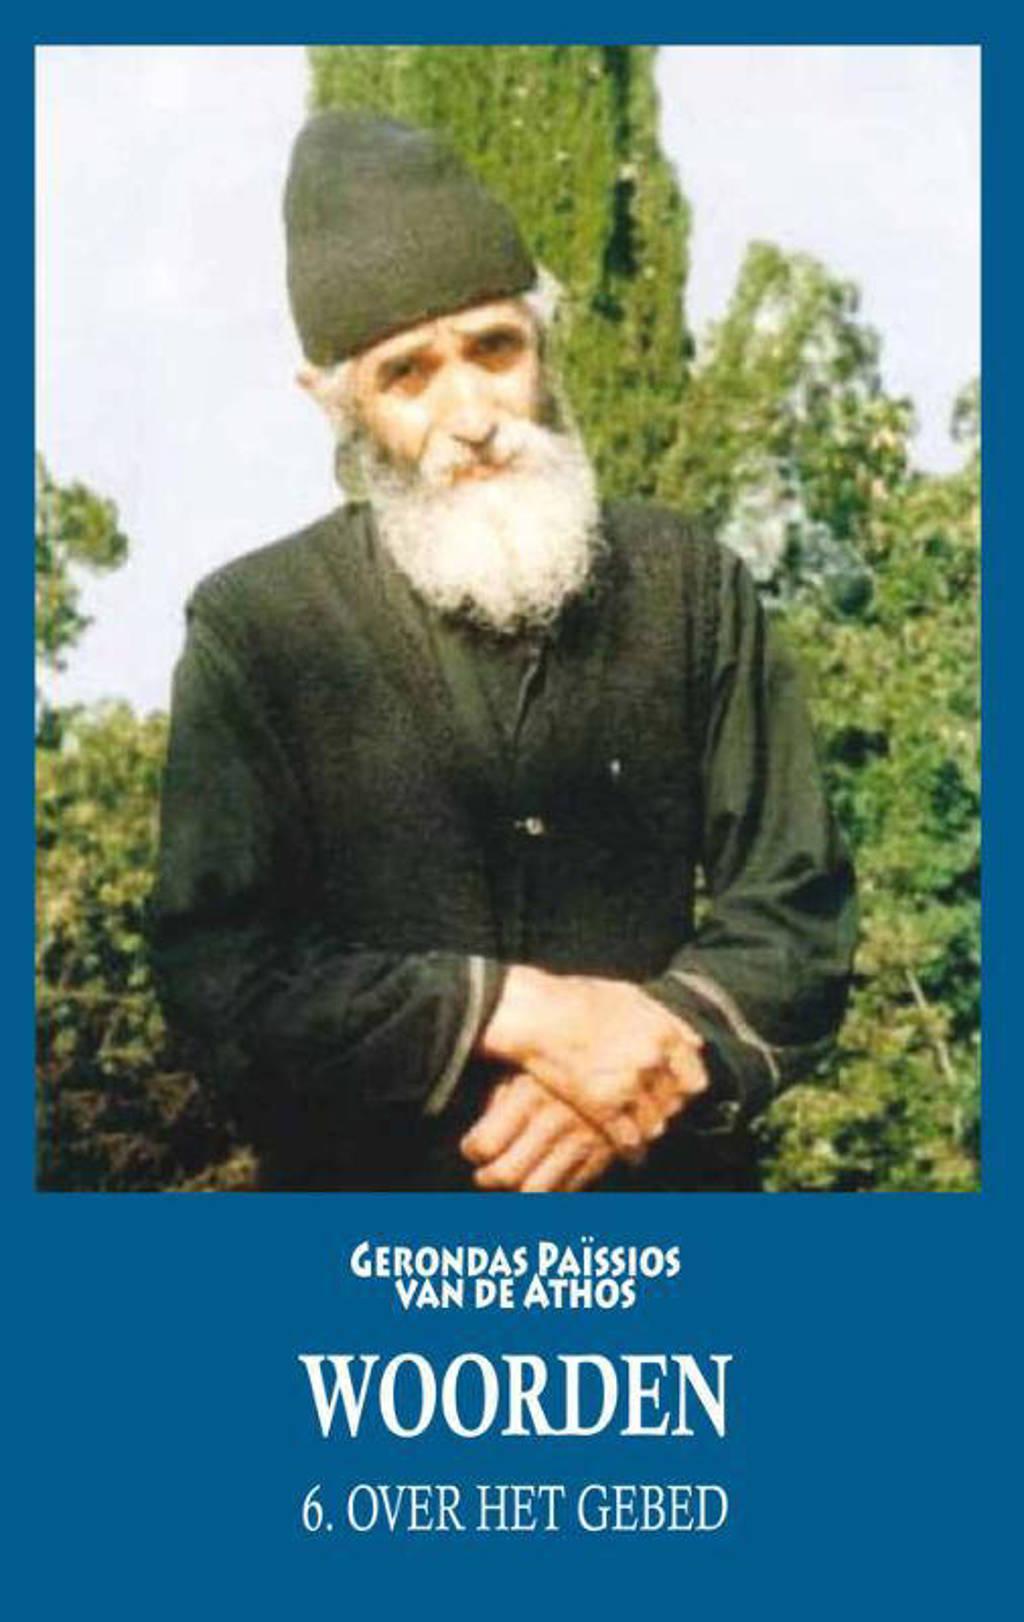 Woorden over het gebed - Gerondas Païssios van de Athos